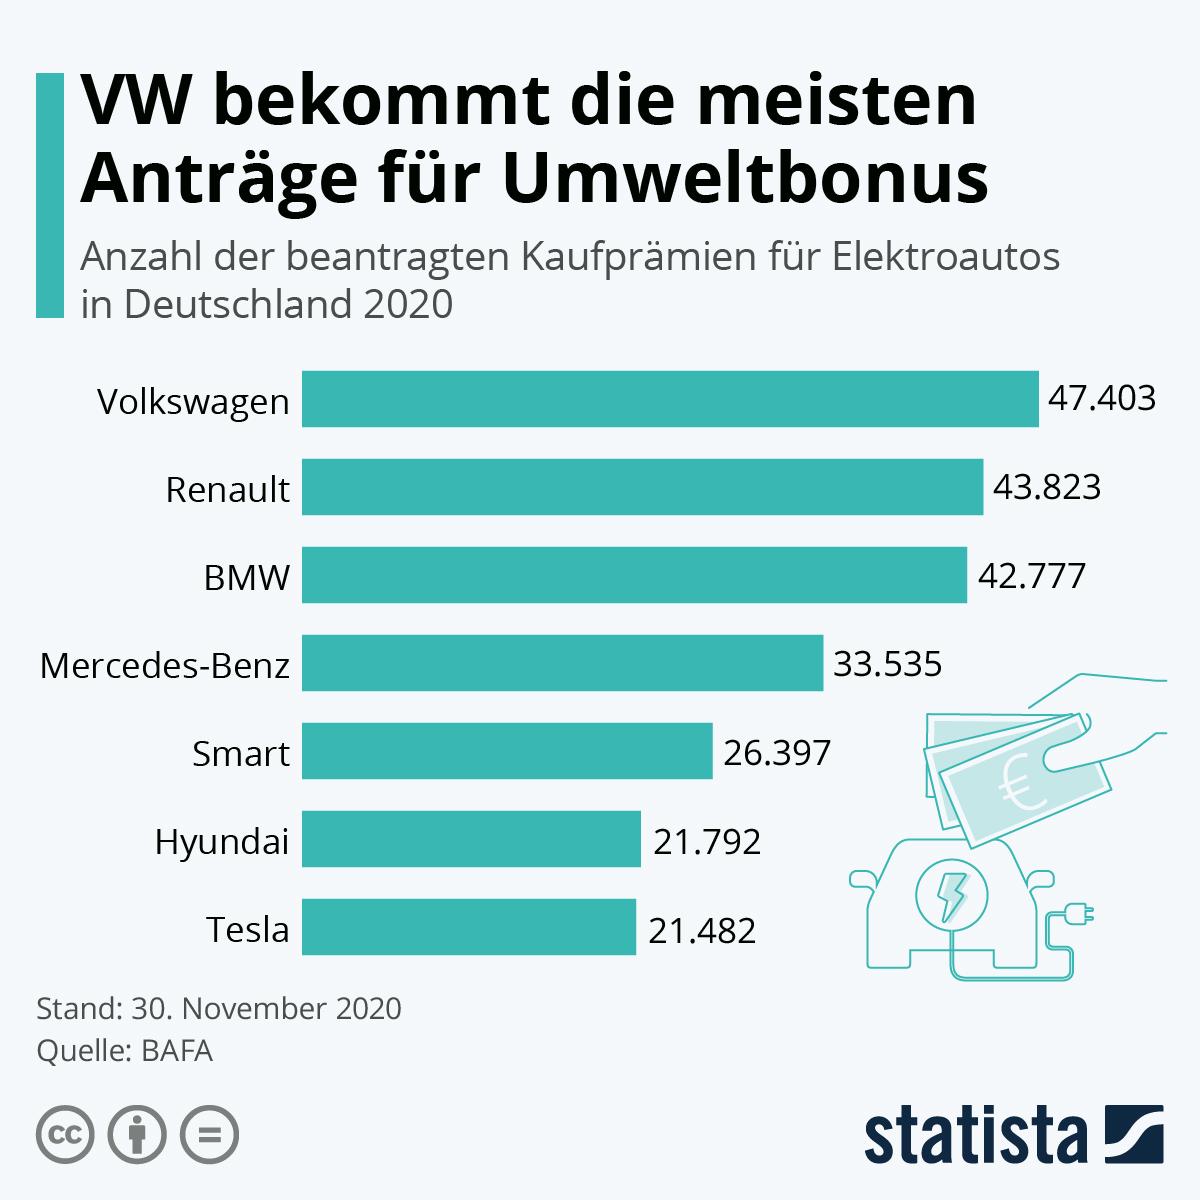 Infografik: VW bekommt die meisten Anträge für Umweltbonus | Statista